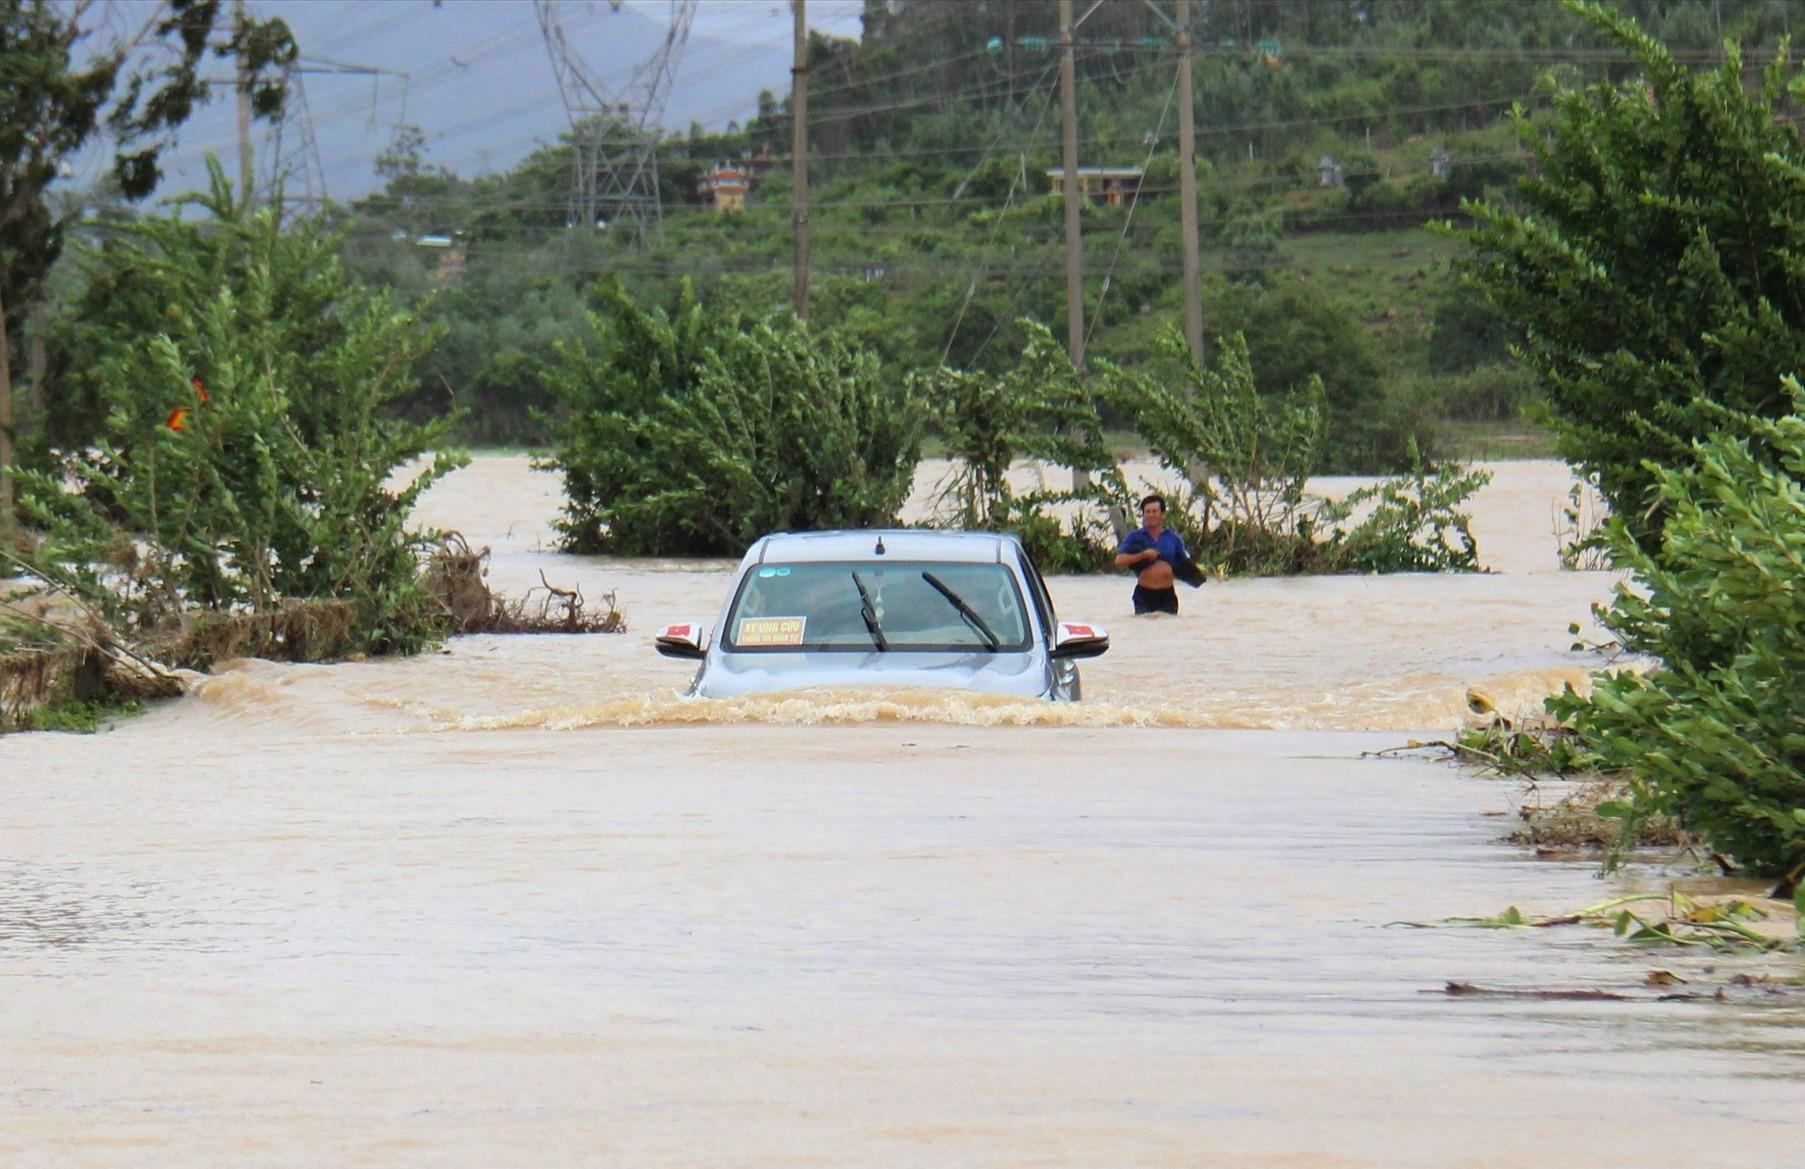 Xe ô tô cố vượt qua dòng nước sâu. Ảnh: H.A